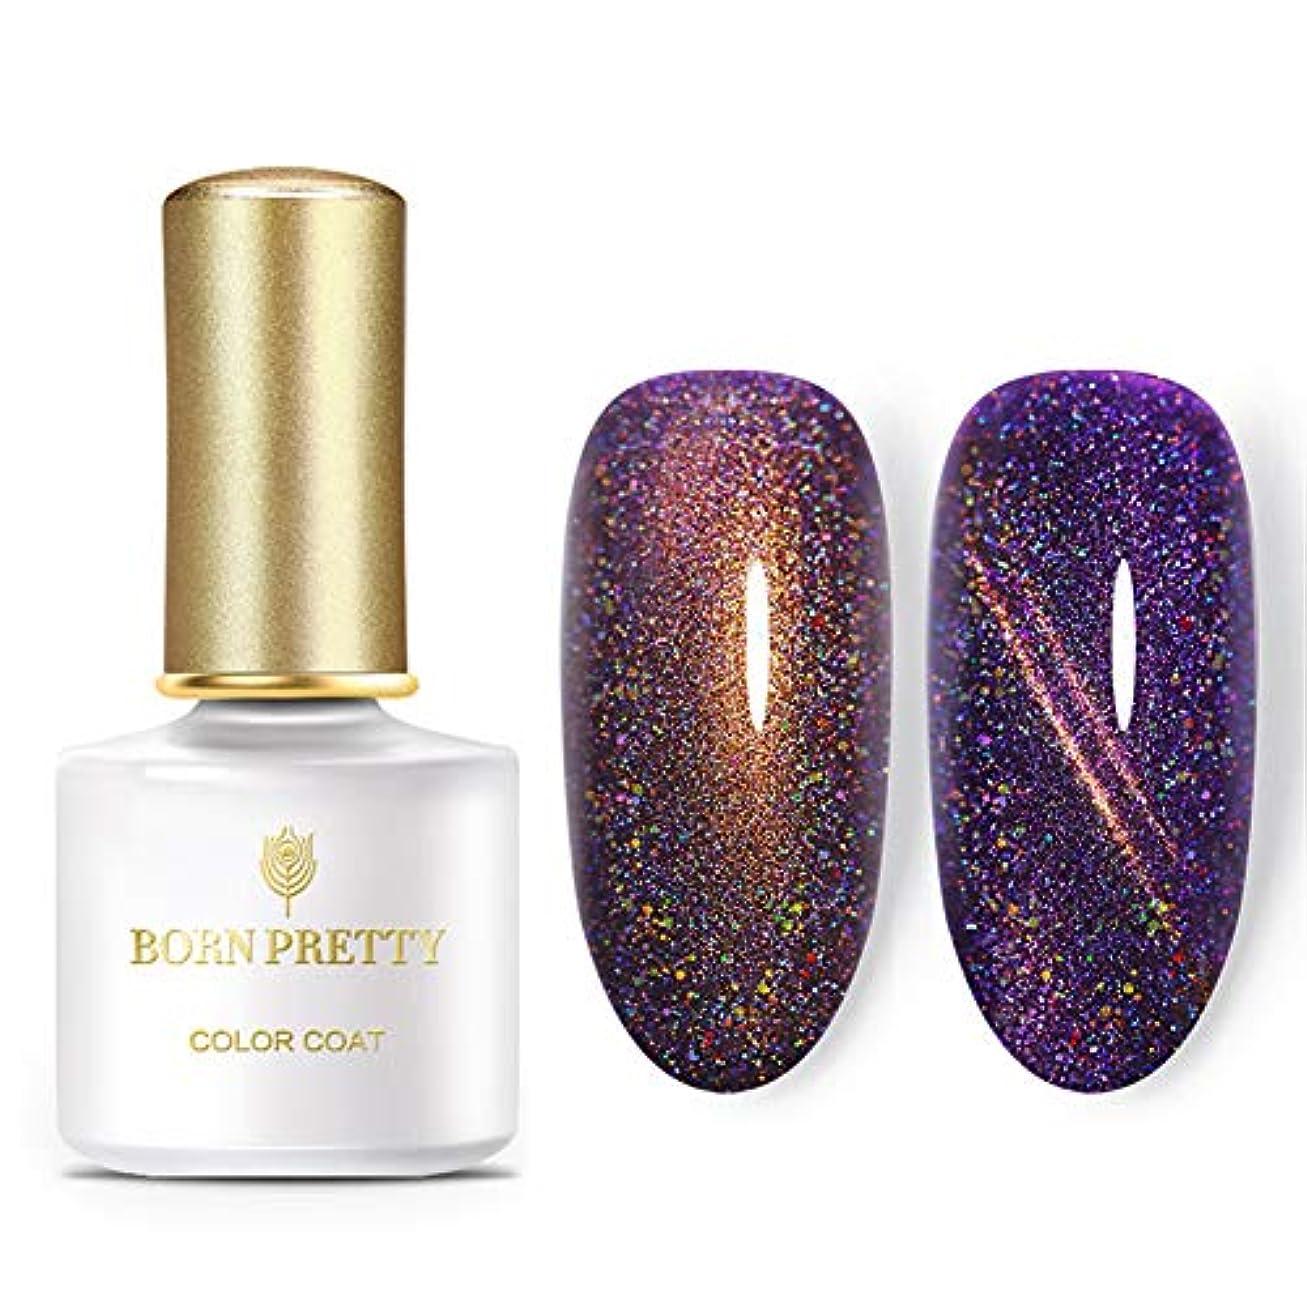 ご近所クラウド友情BORN PRETTY ホロキャツアイジェルカラー 10色選択可 虹のような輝き マグネットで模様が入る UV/LED両対応 カラージェル 6ml [並行輸入品]